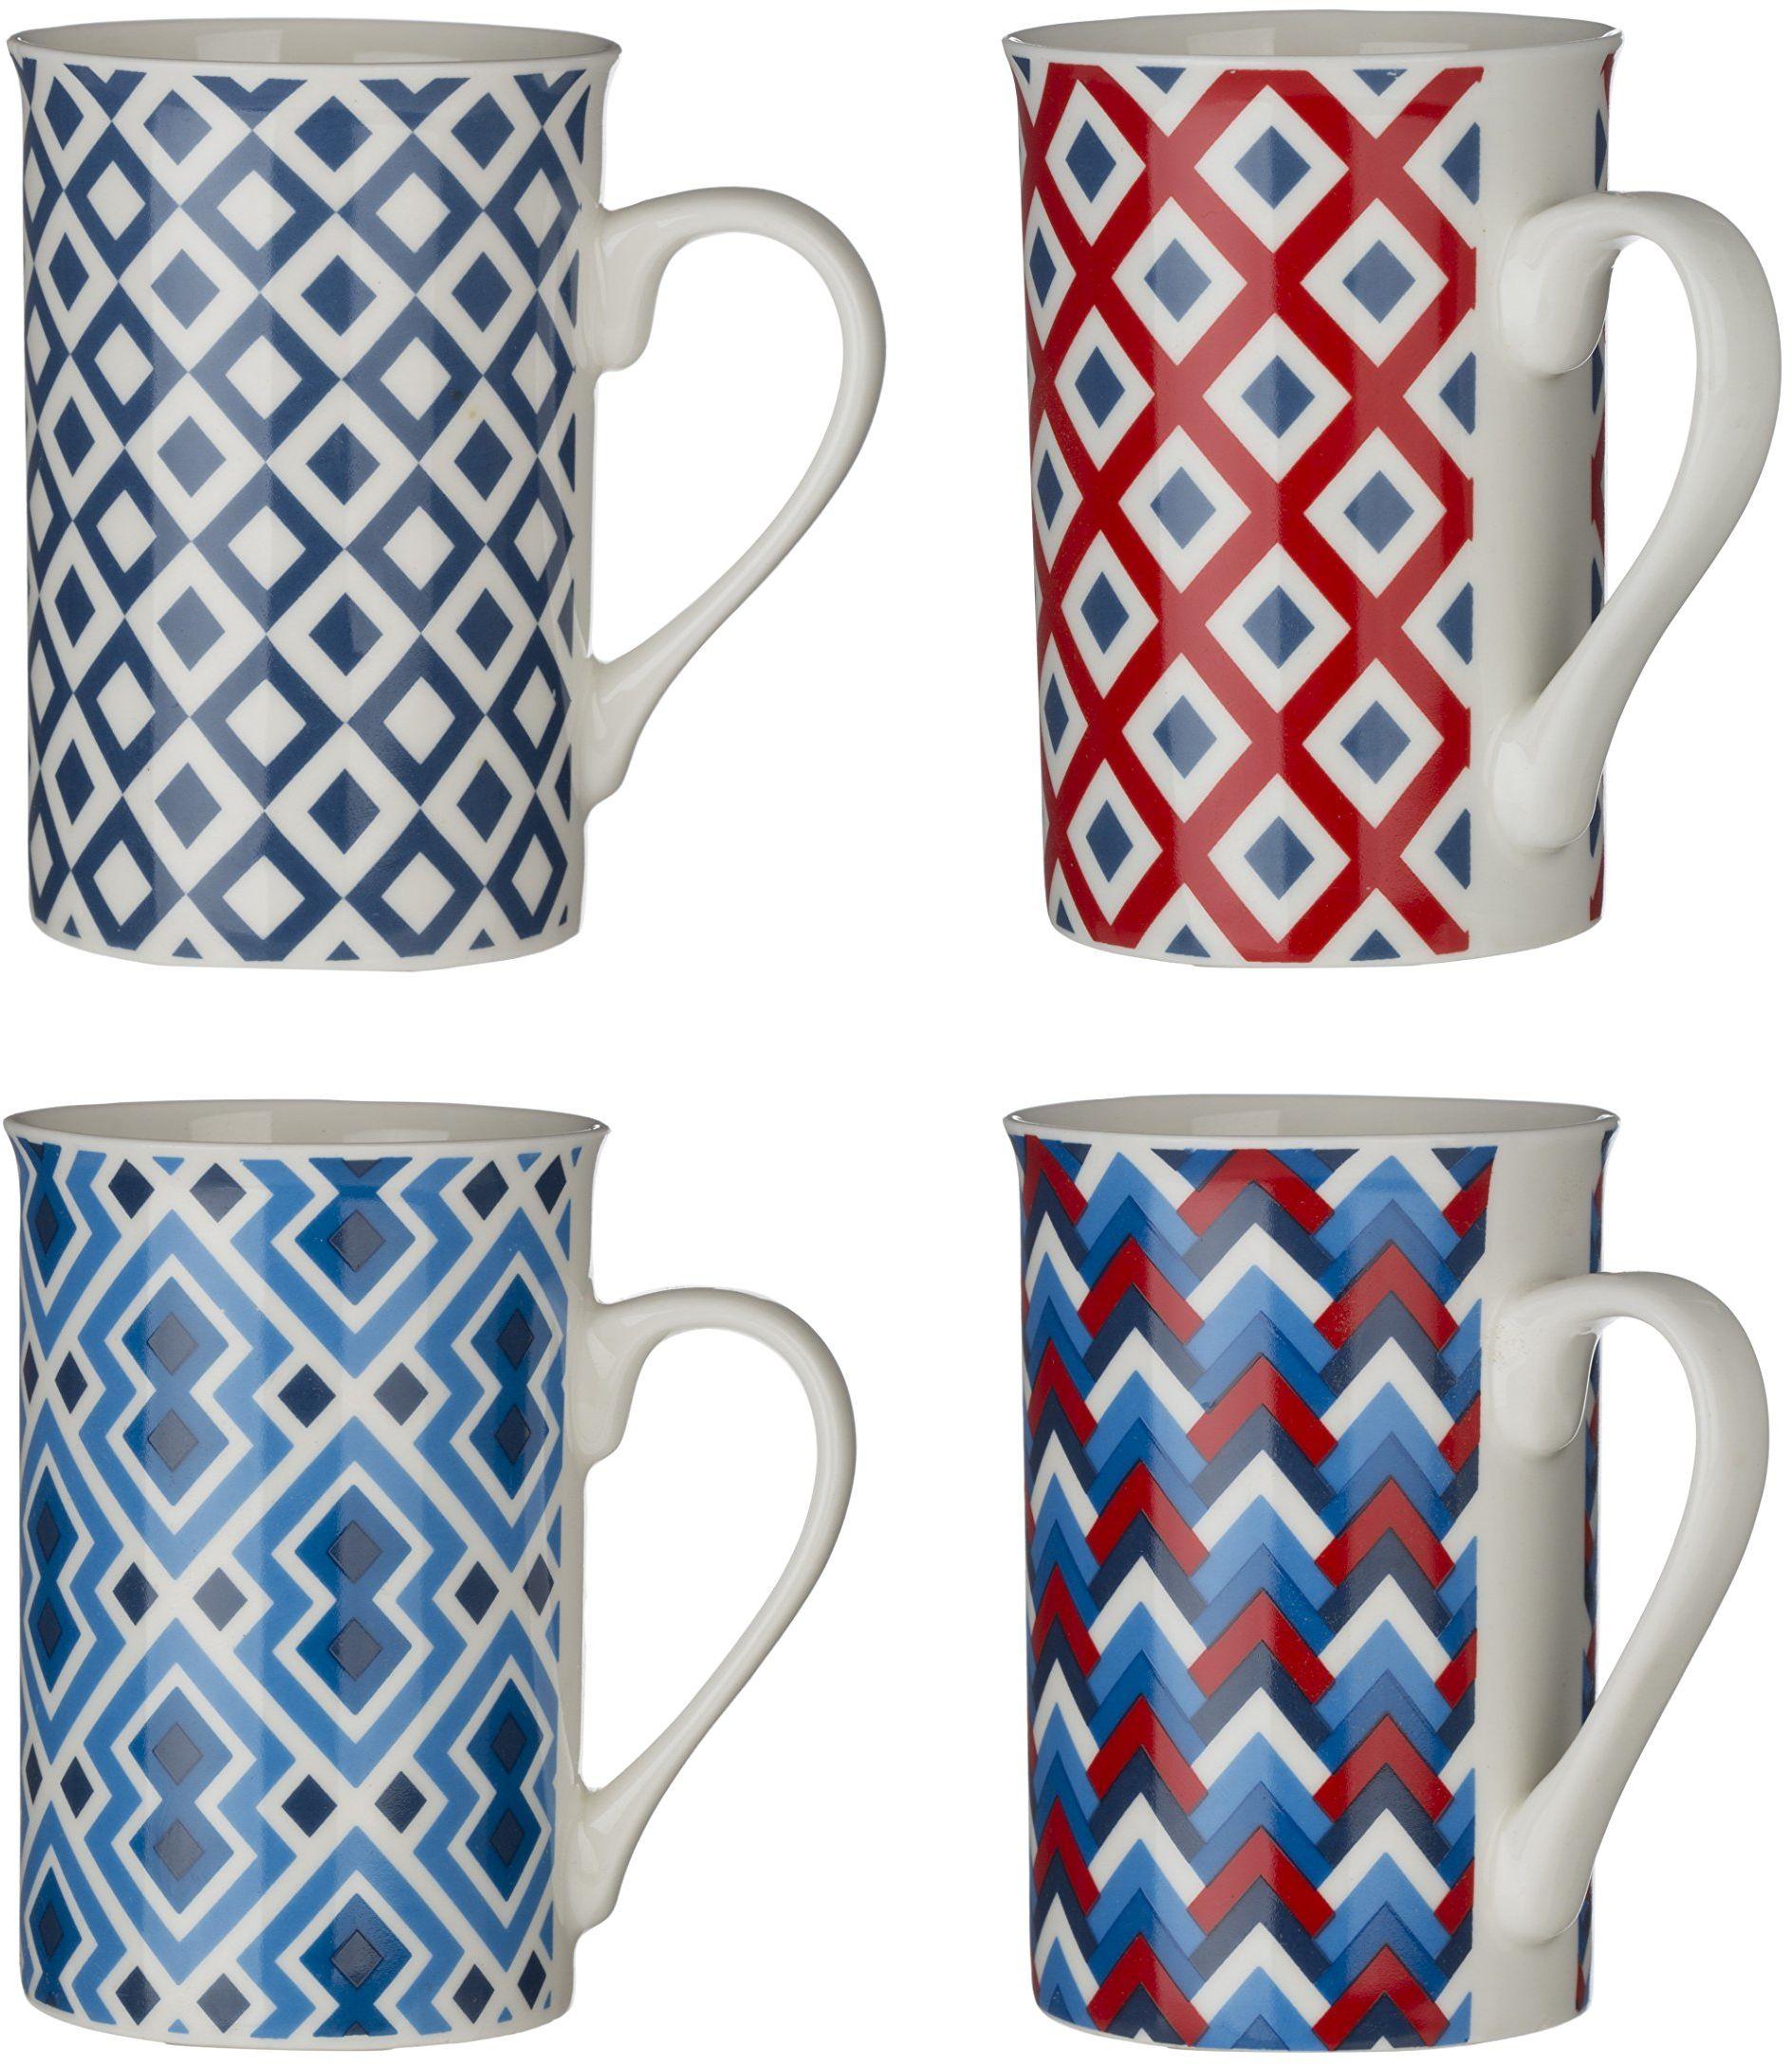 Premier zestaw 4 filiżanek Austin, 270 ml, niebieski, czerwony, biały, porcelana